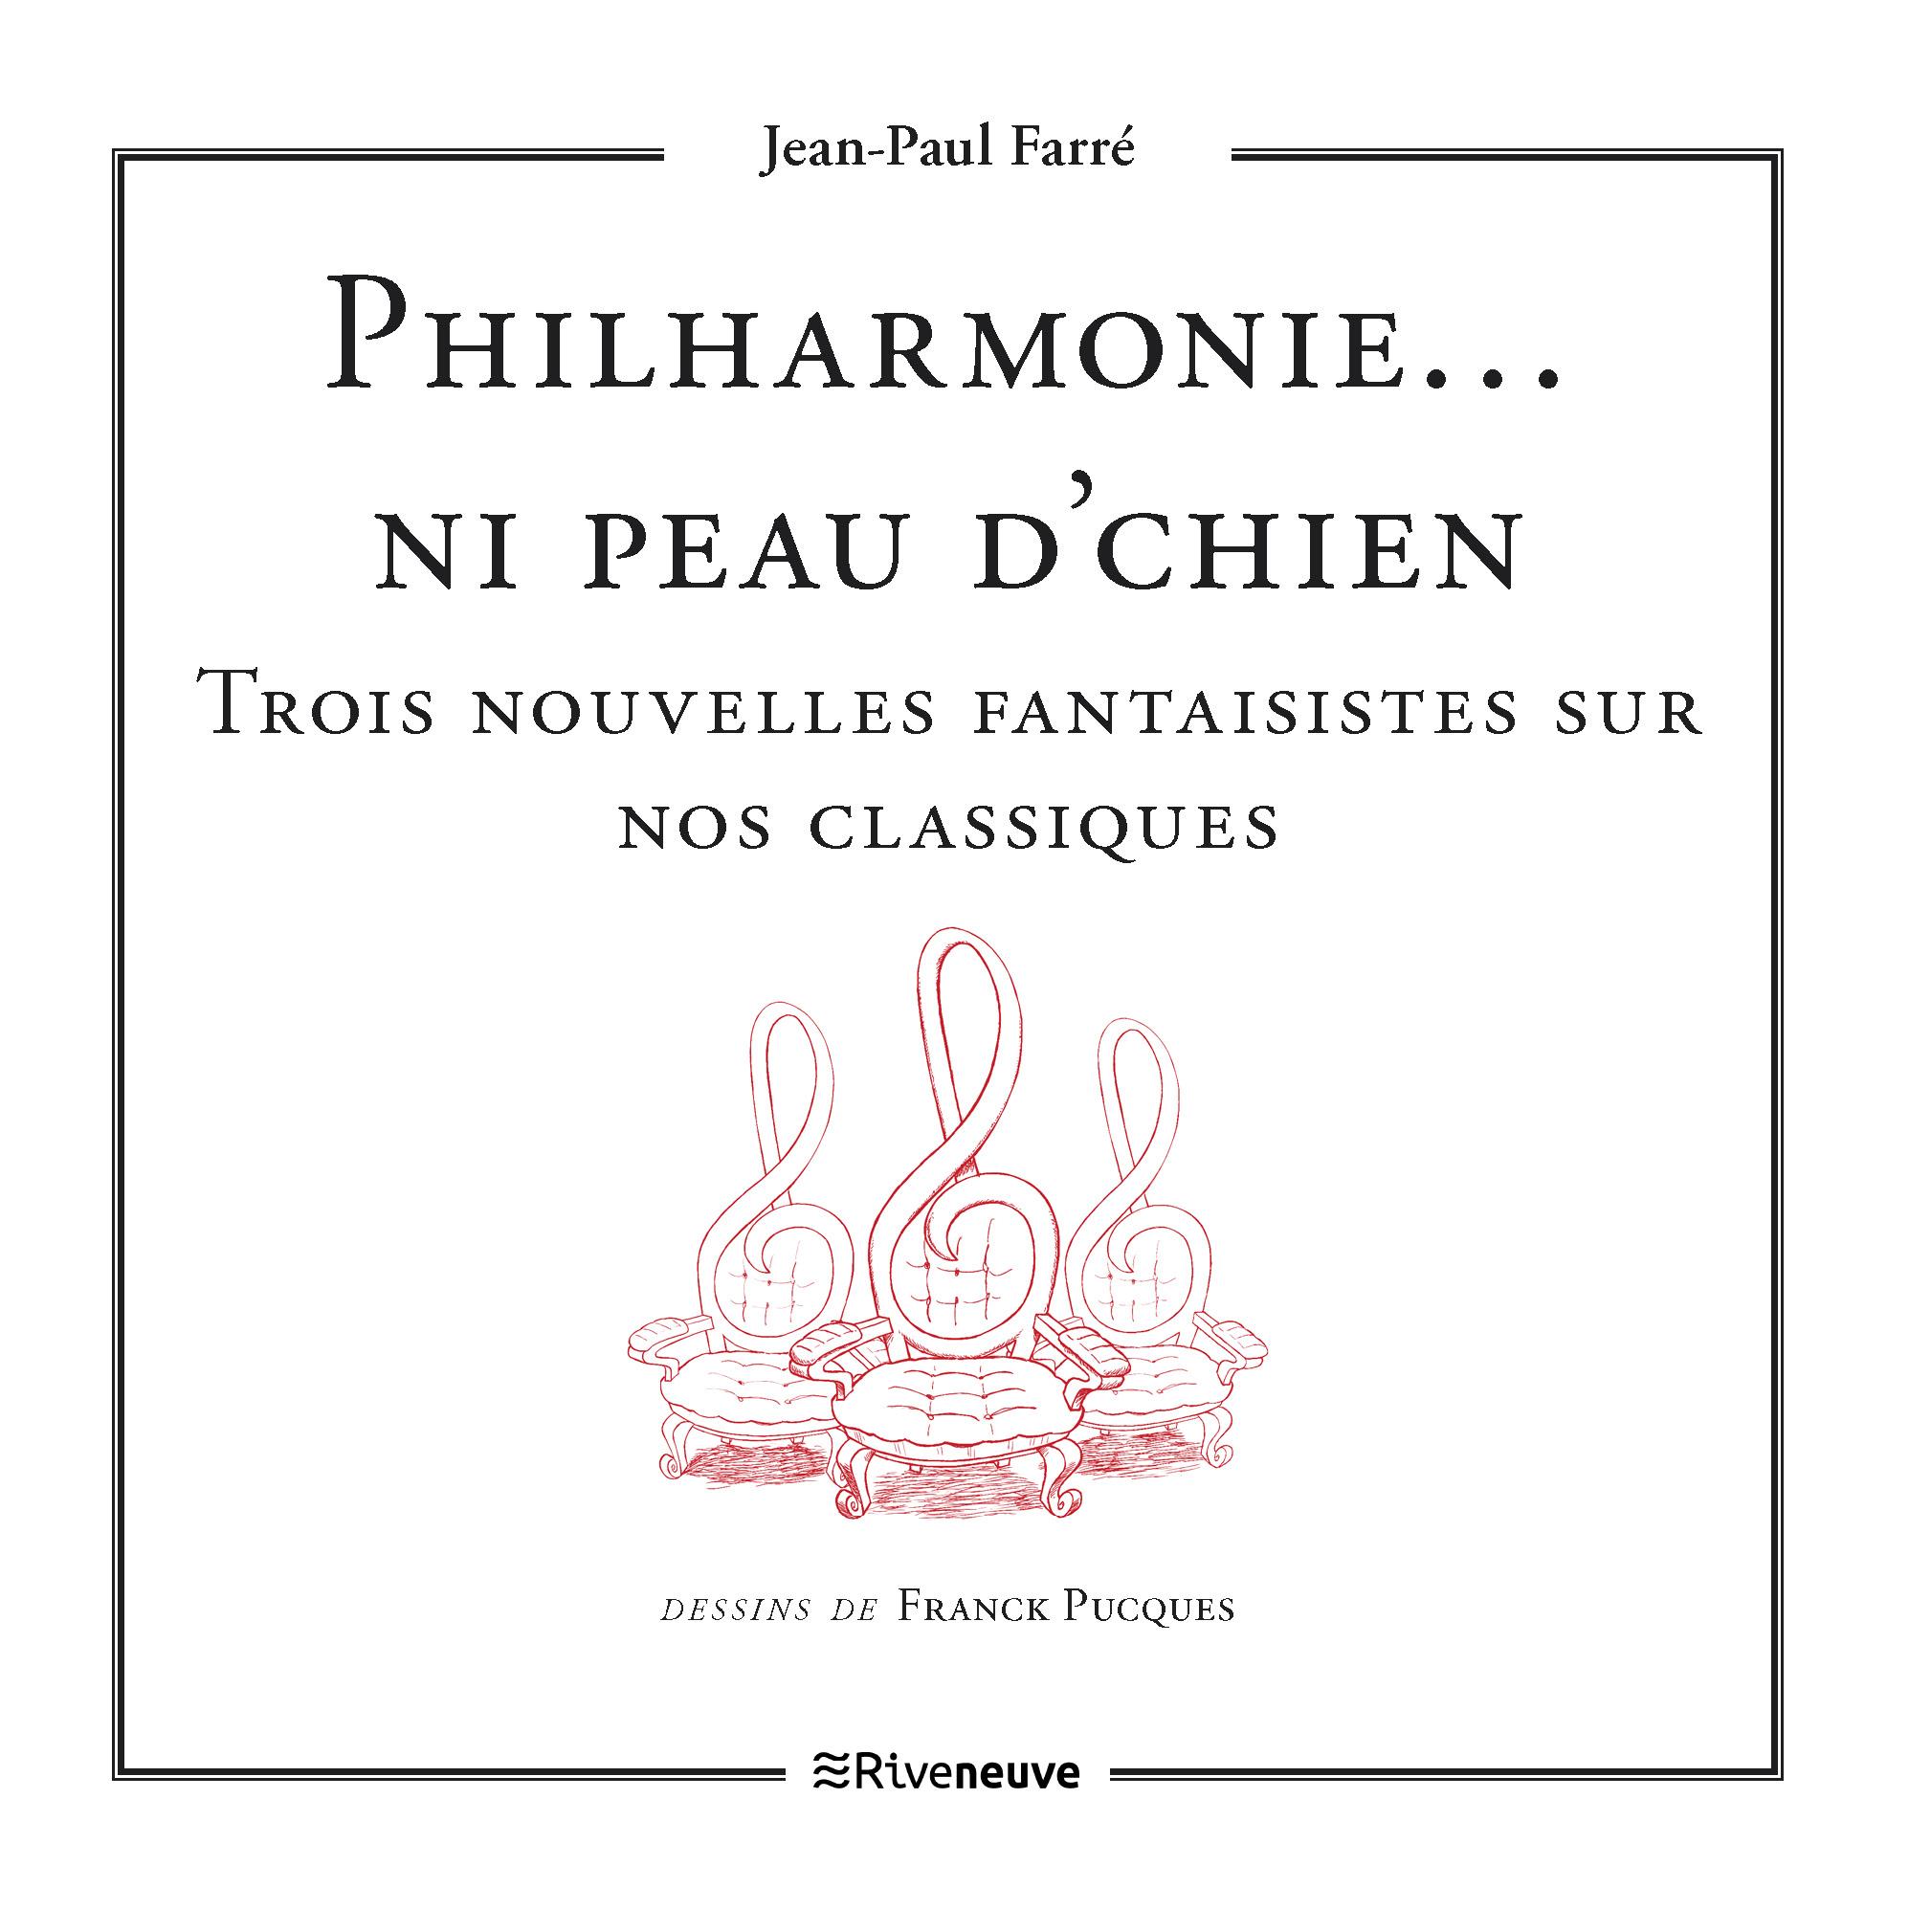 Philharmonie… ni peau d'chien. Trois nouvelles fantaisistes sur nos classiques